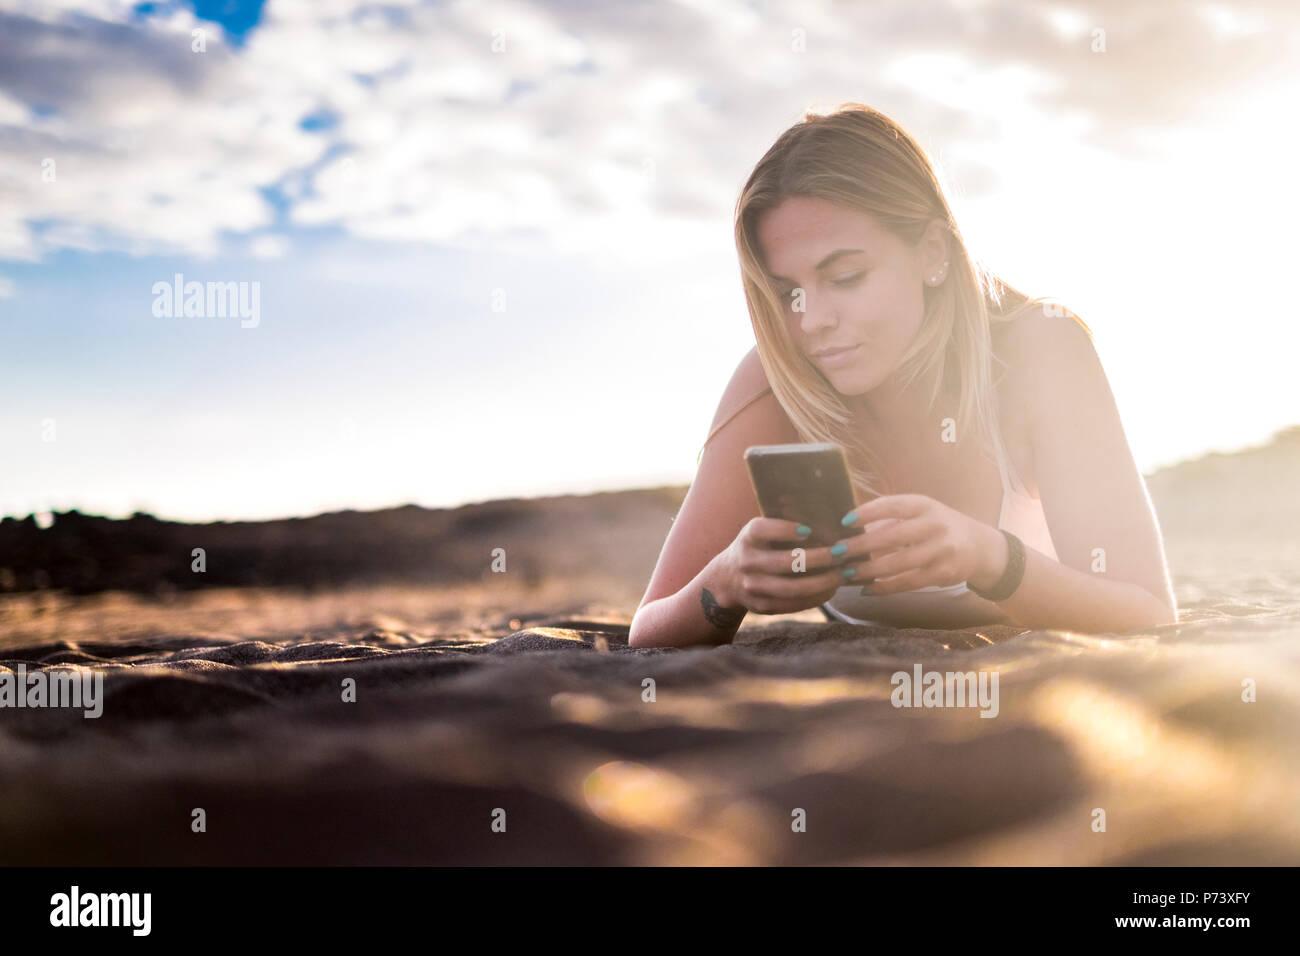 Belle jeune femme blonde jeter à la plage en vacances et le mode de vie activité de loisirs à l'aide d'un smartphone pour contrôler les médias sociaux et l'utilisation interne Banque D'Images